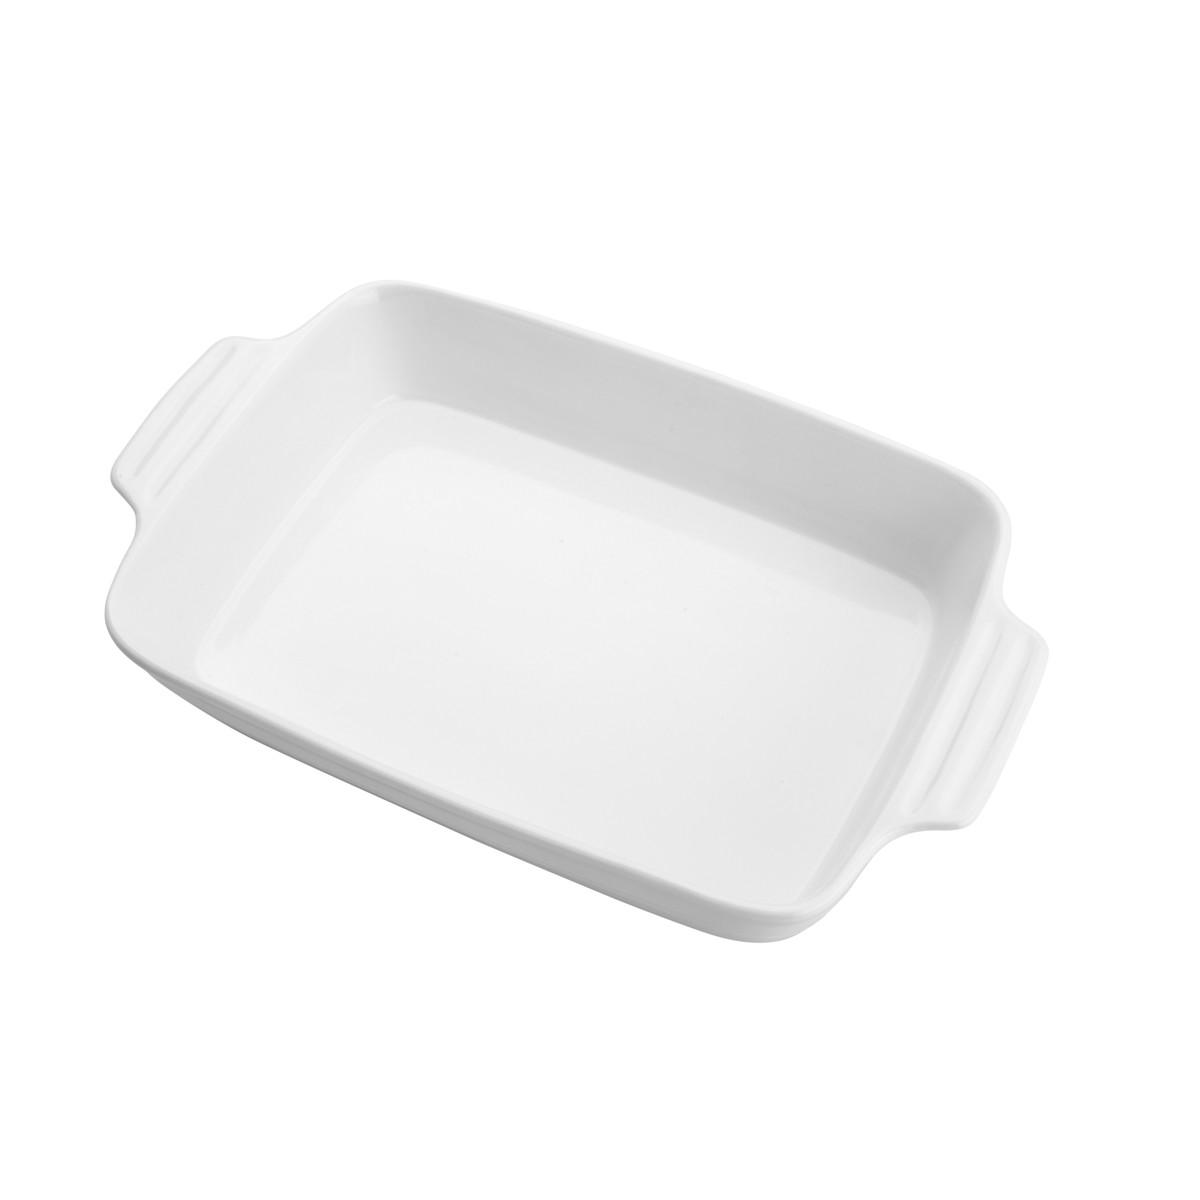 Travessa de Porcelana Branca 28cm 27335 - Rojemac